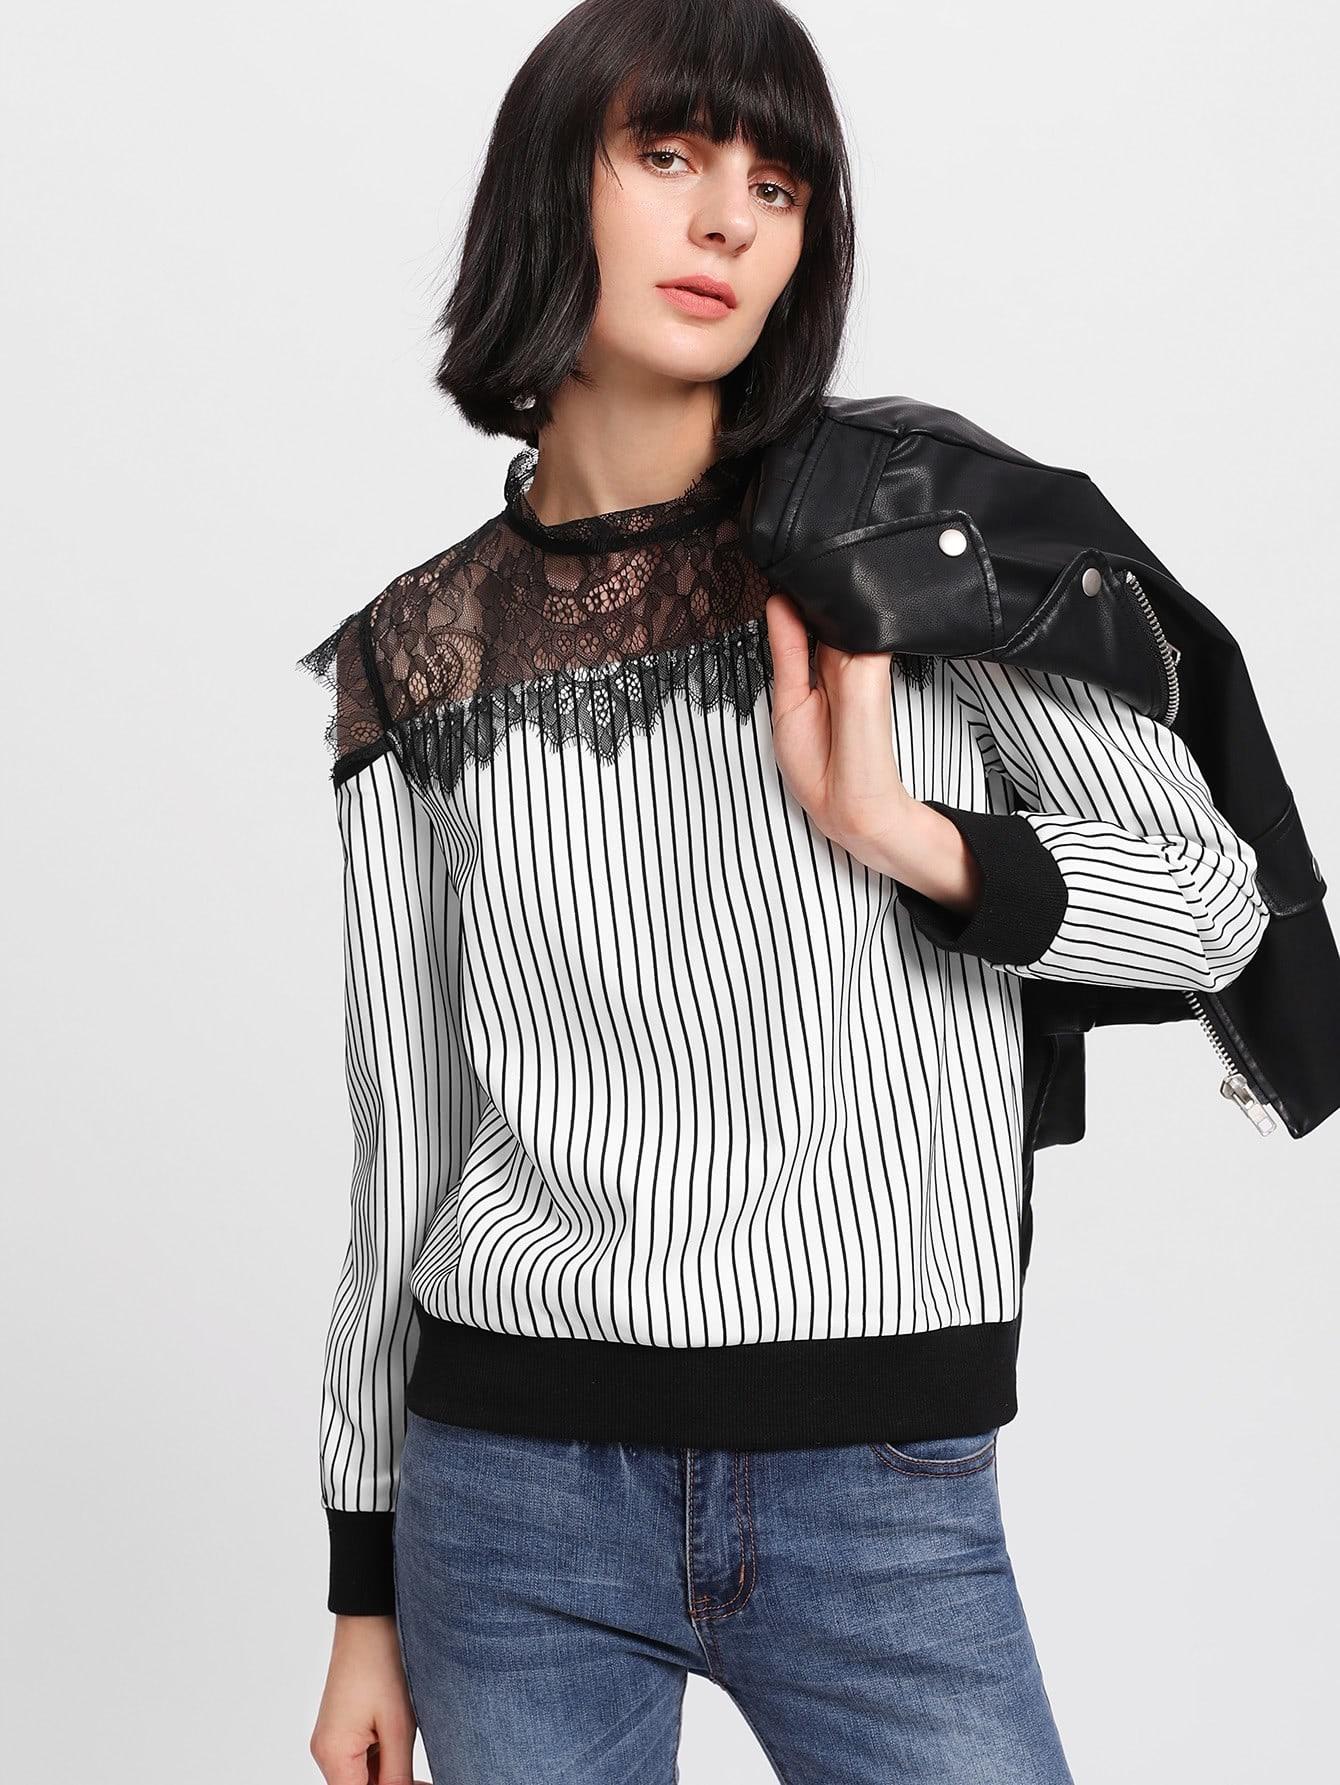 Lace Yoke Open Shoulder Striped Sweatshirt lace panel yoke sweatshirt